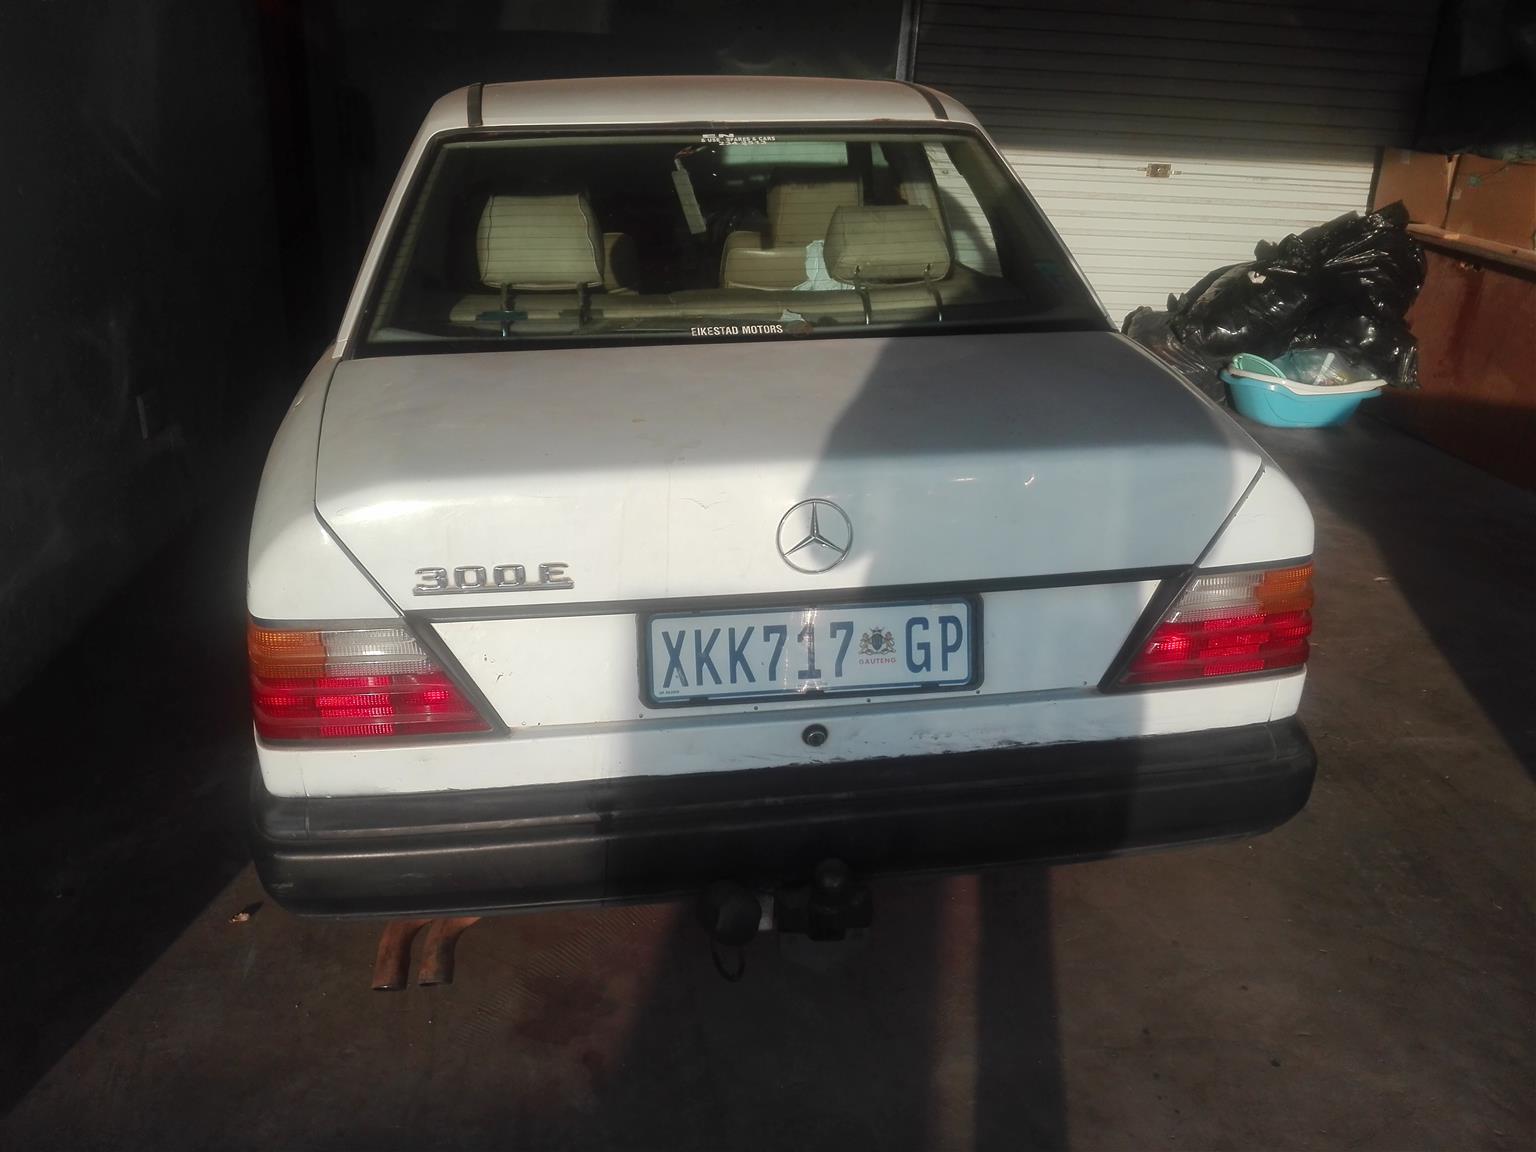 1989 Mercedes Benz 300E